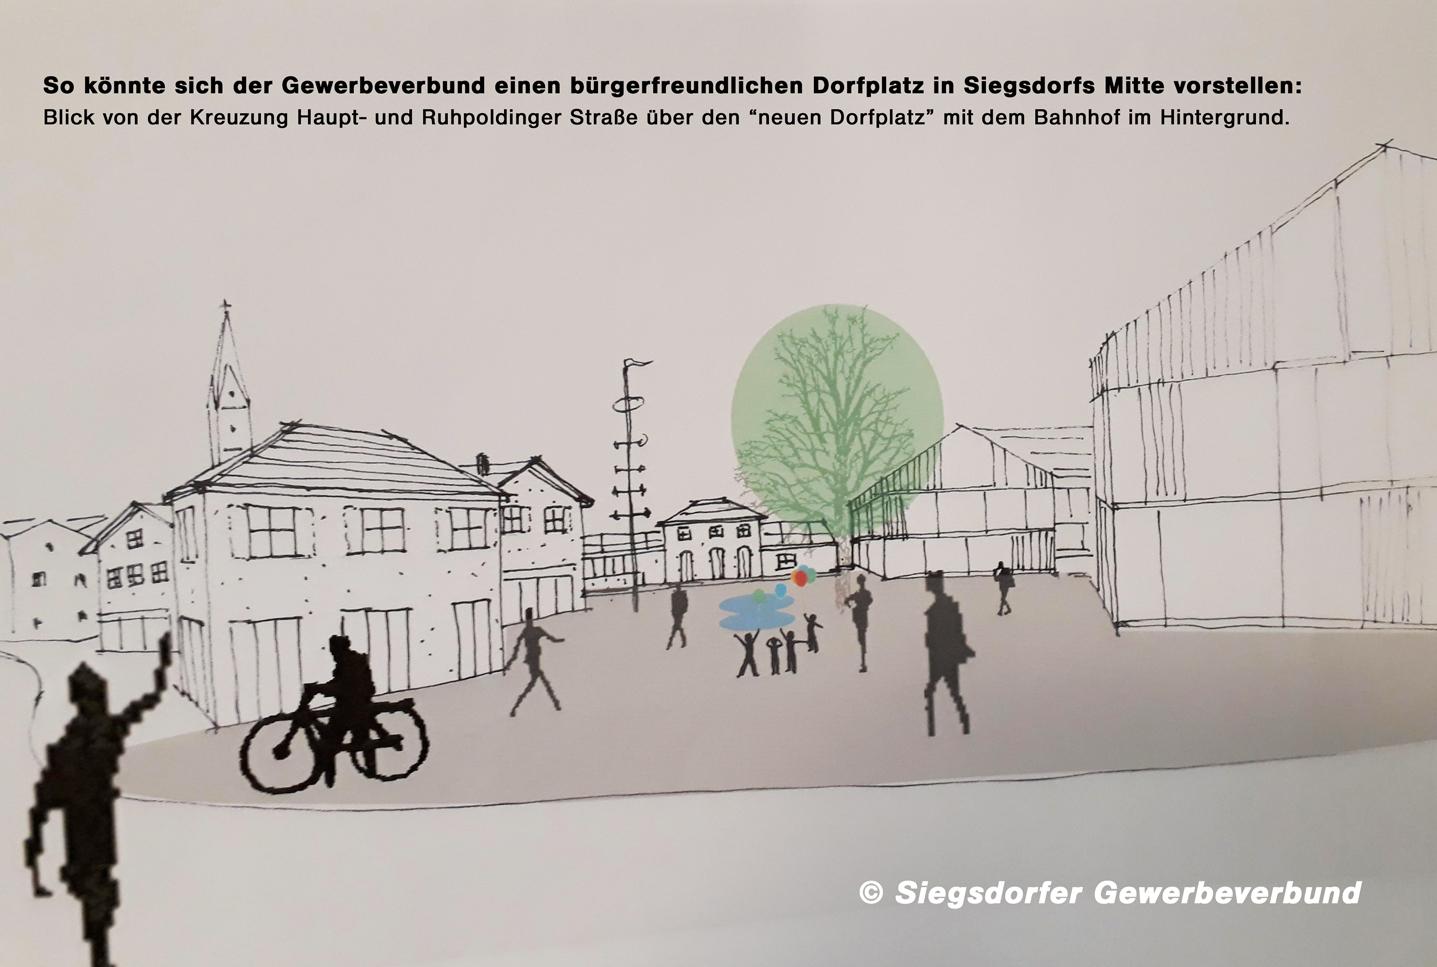 So könnte sich der Gewerbeverbund einen bürgerfreundlichen Dorfplatz in Siegsdorfs Mitte vorstellen